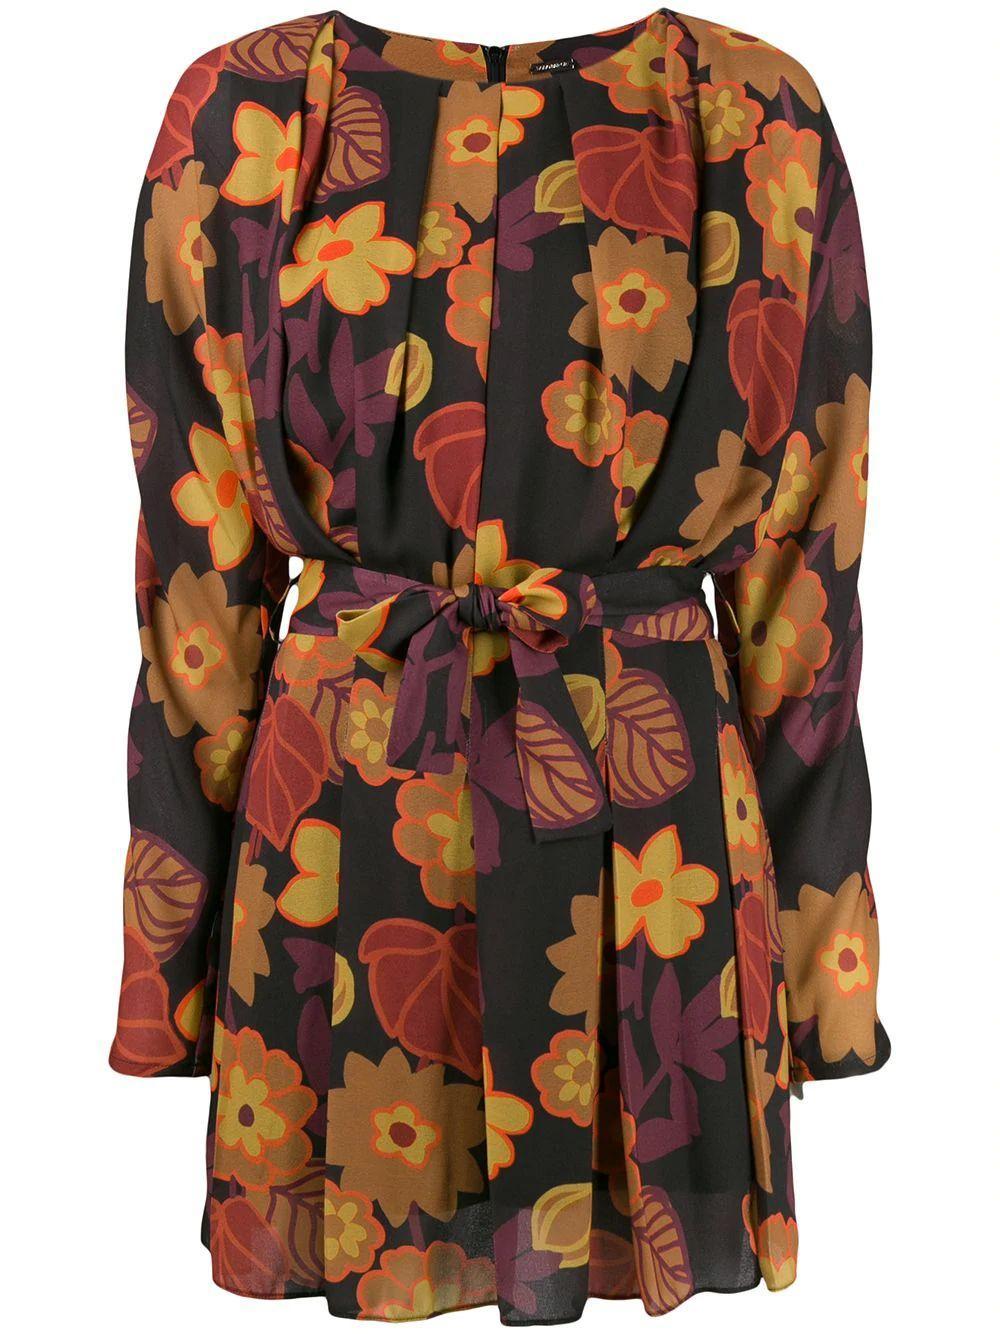 Mika Flower Print Tie Belt Short Dress Item # DBO1003